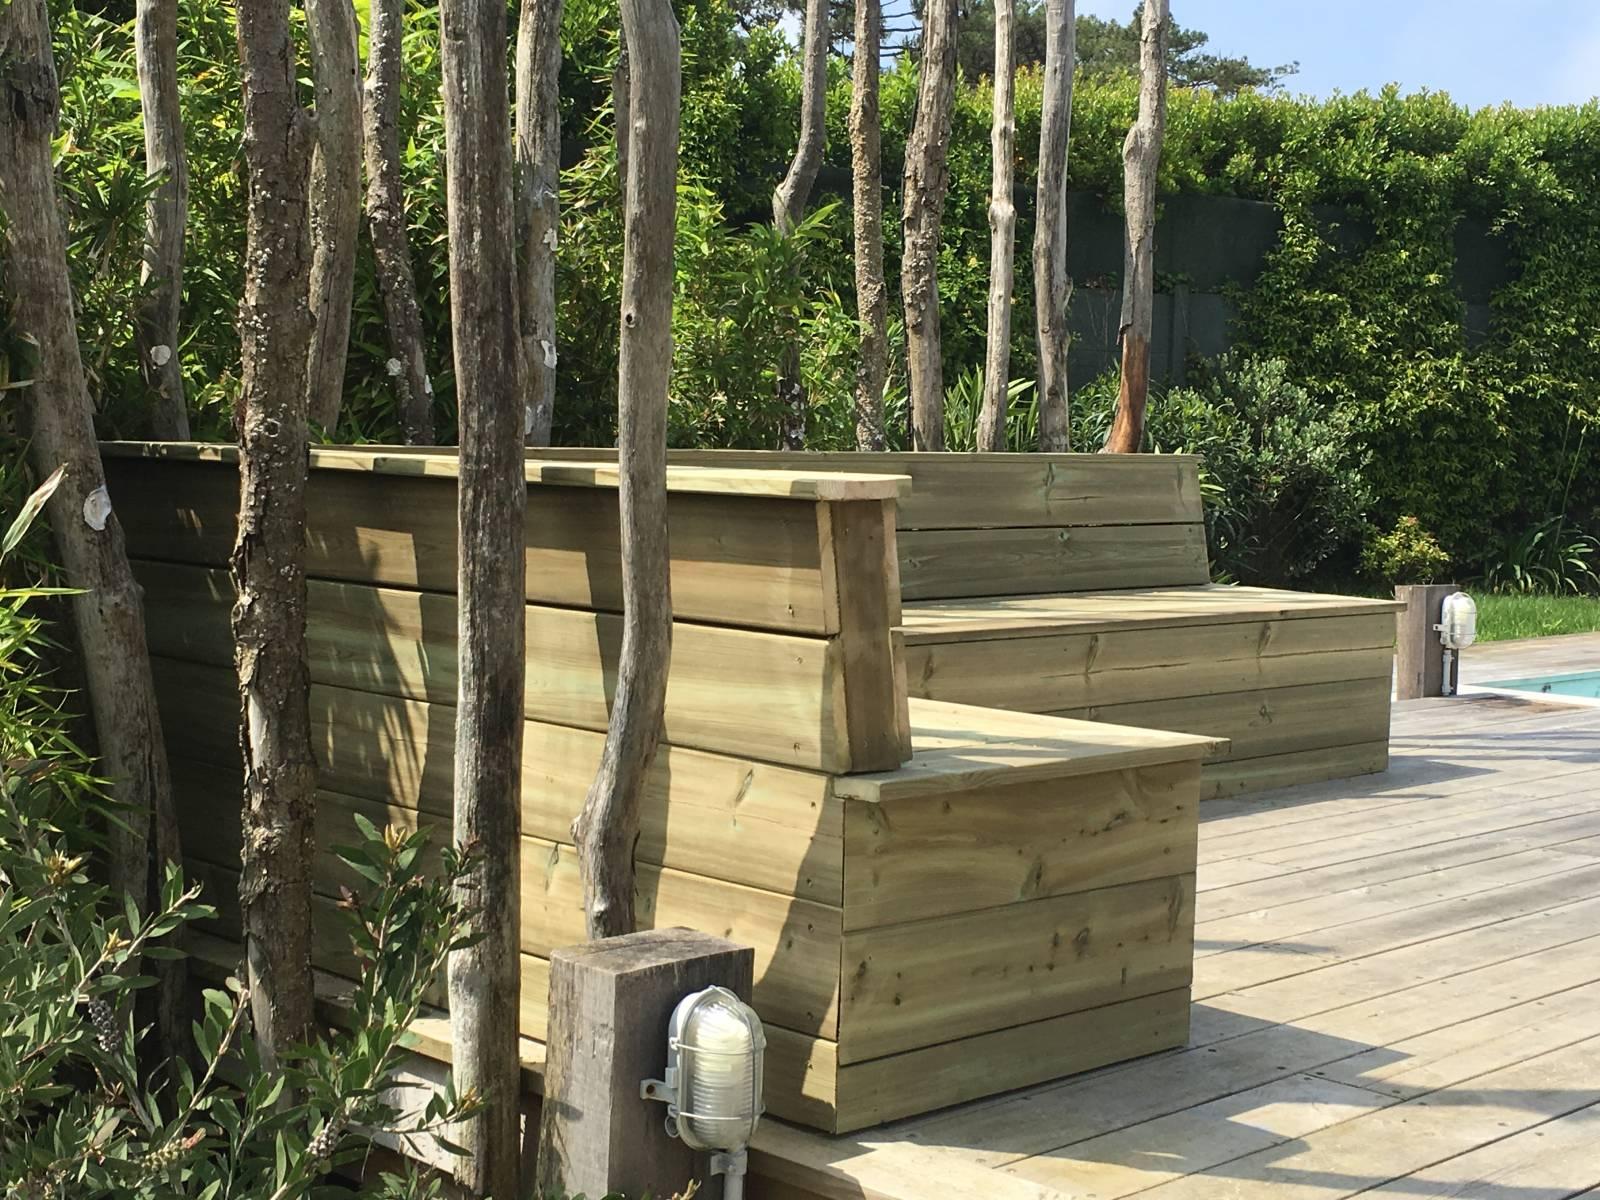 Fabrication Banc En Bois fabrication d'un banc en bois sur le cap ferret - menuiserie